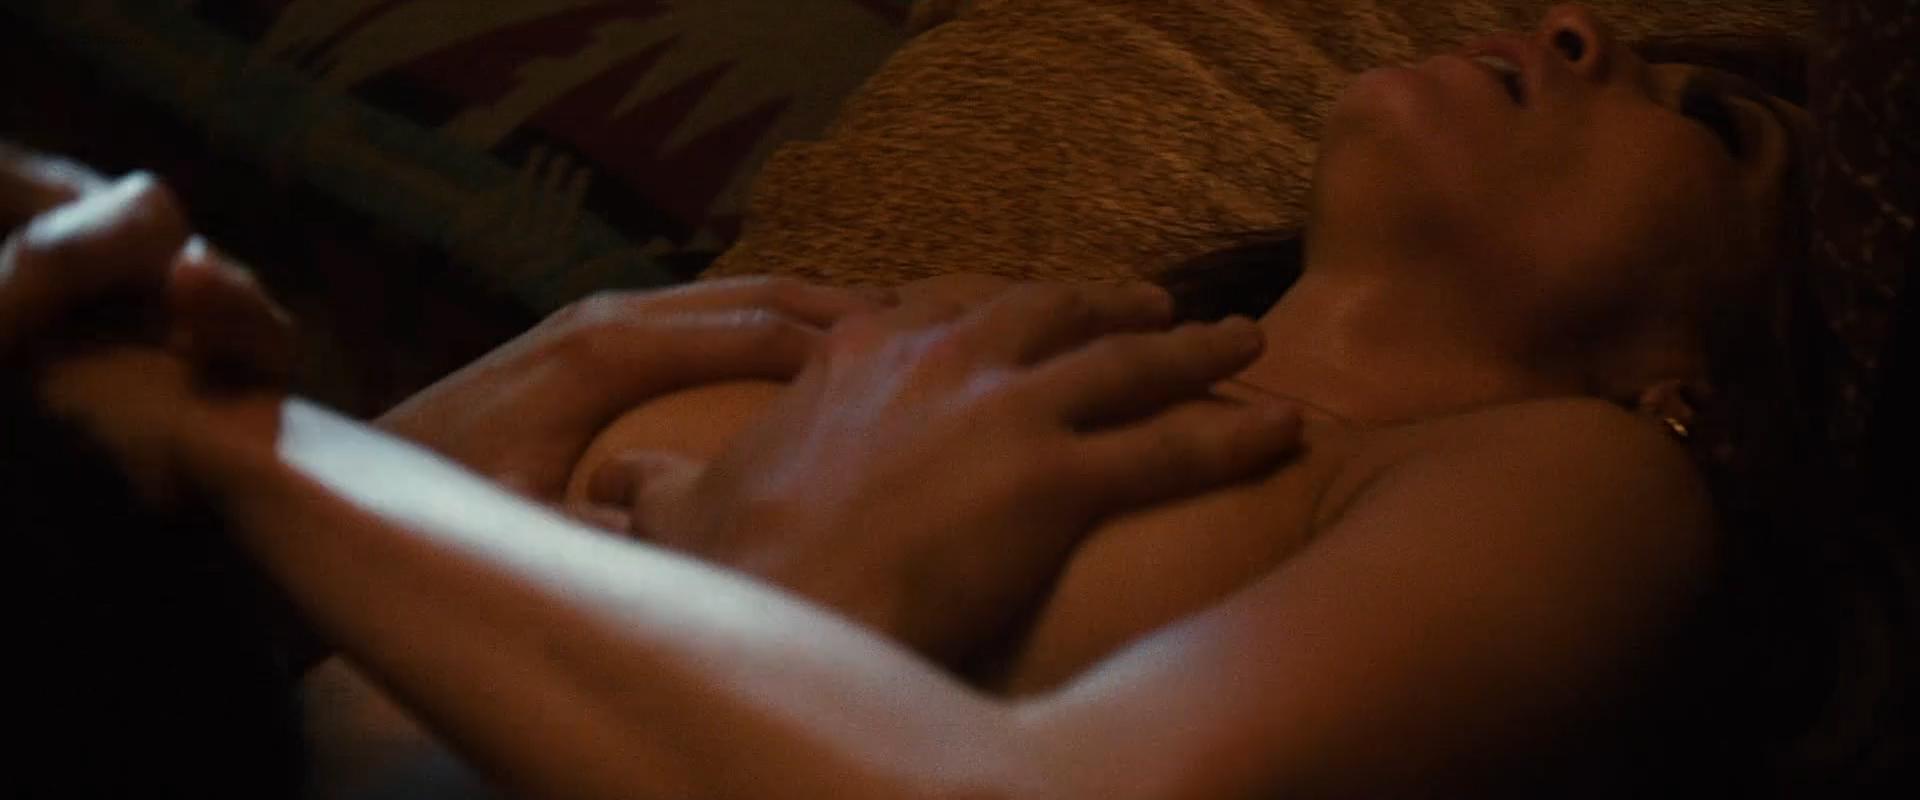 jlo sex scene